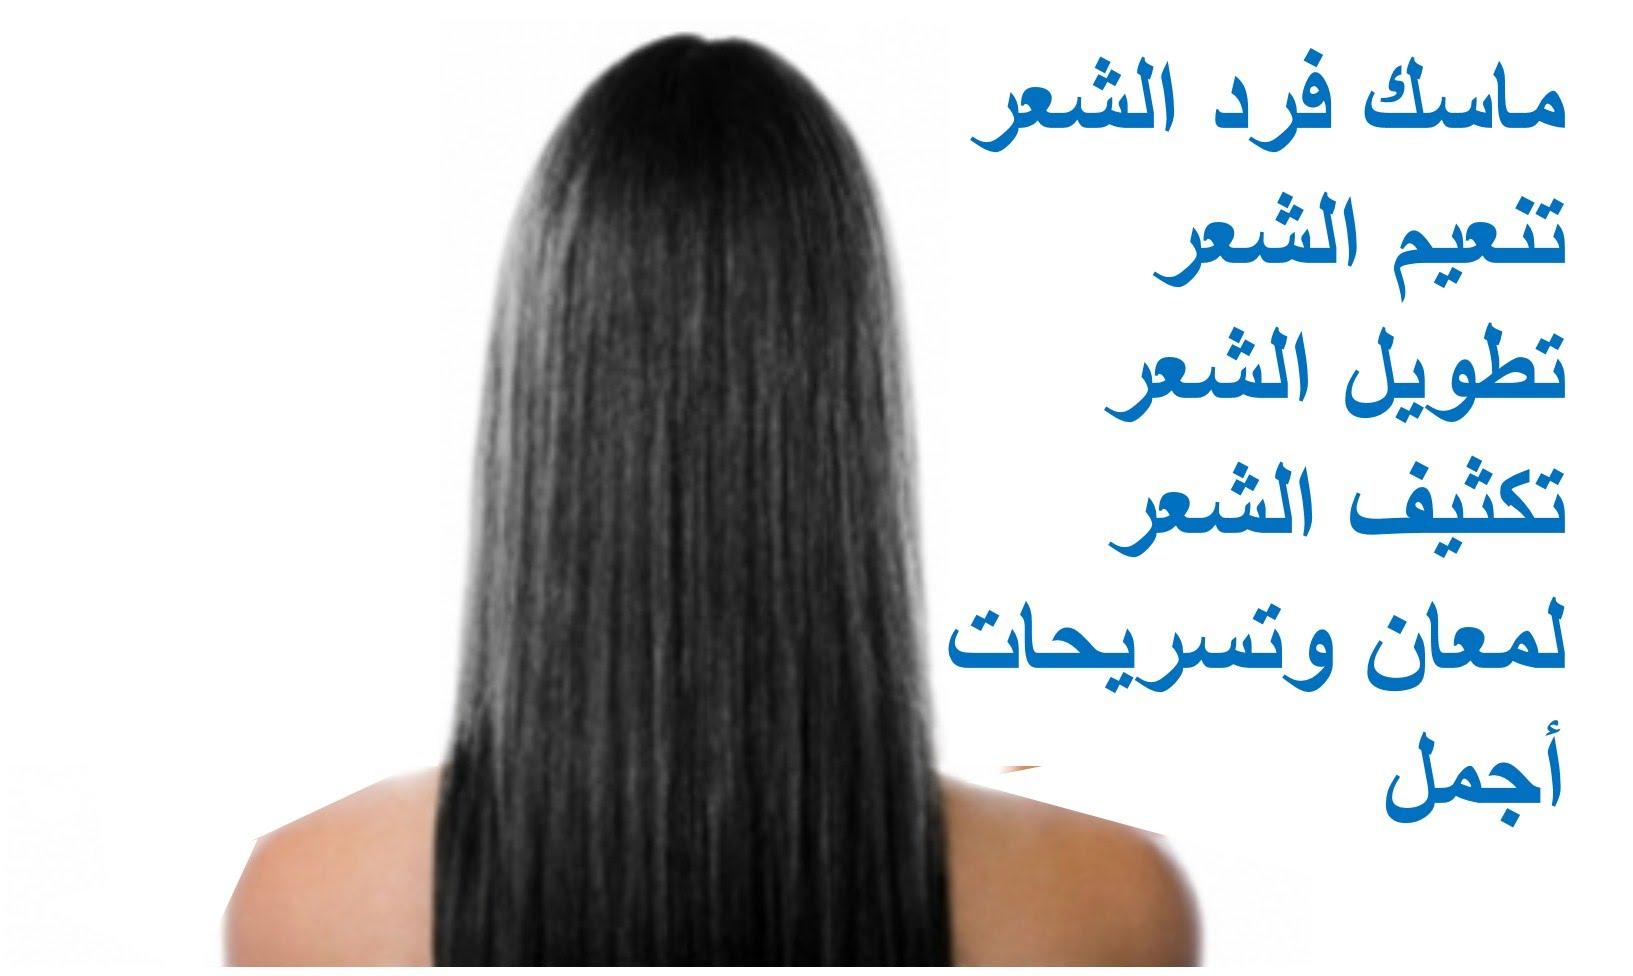 صورة خلطات تطويل الشعر , طرق العناية بالشعر وتطويلة